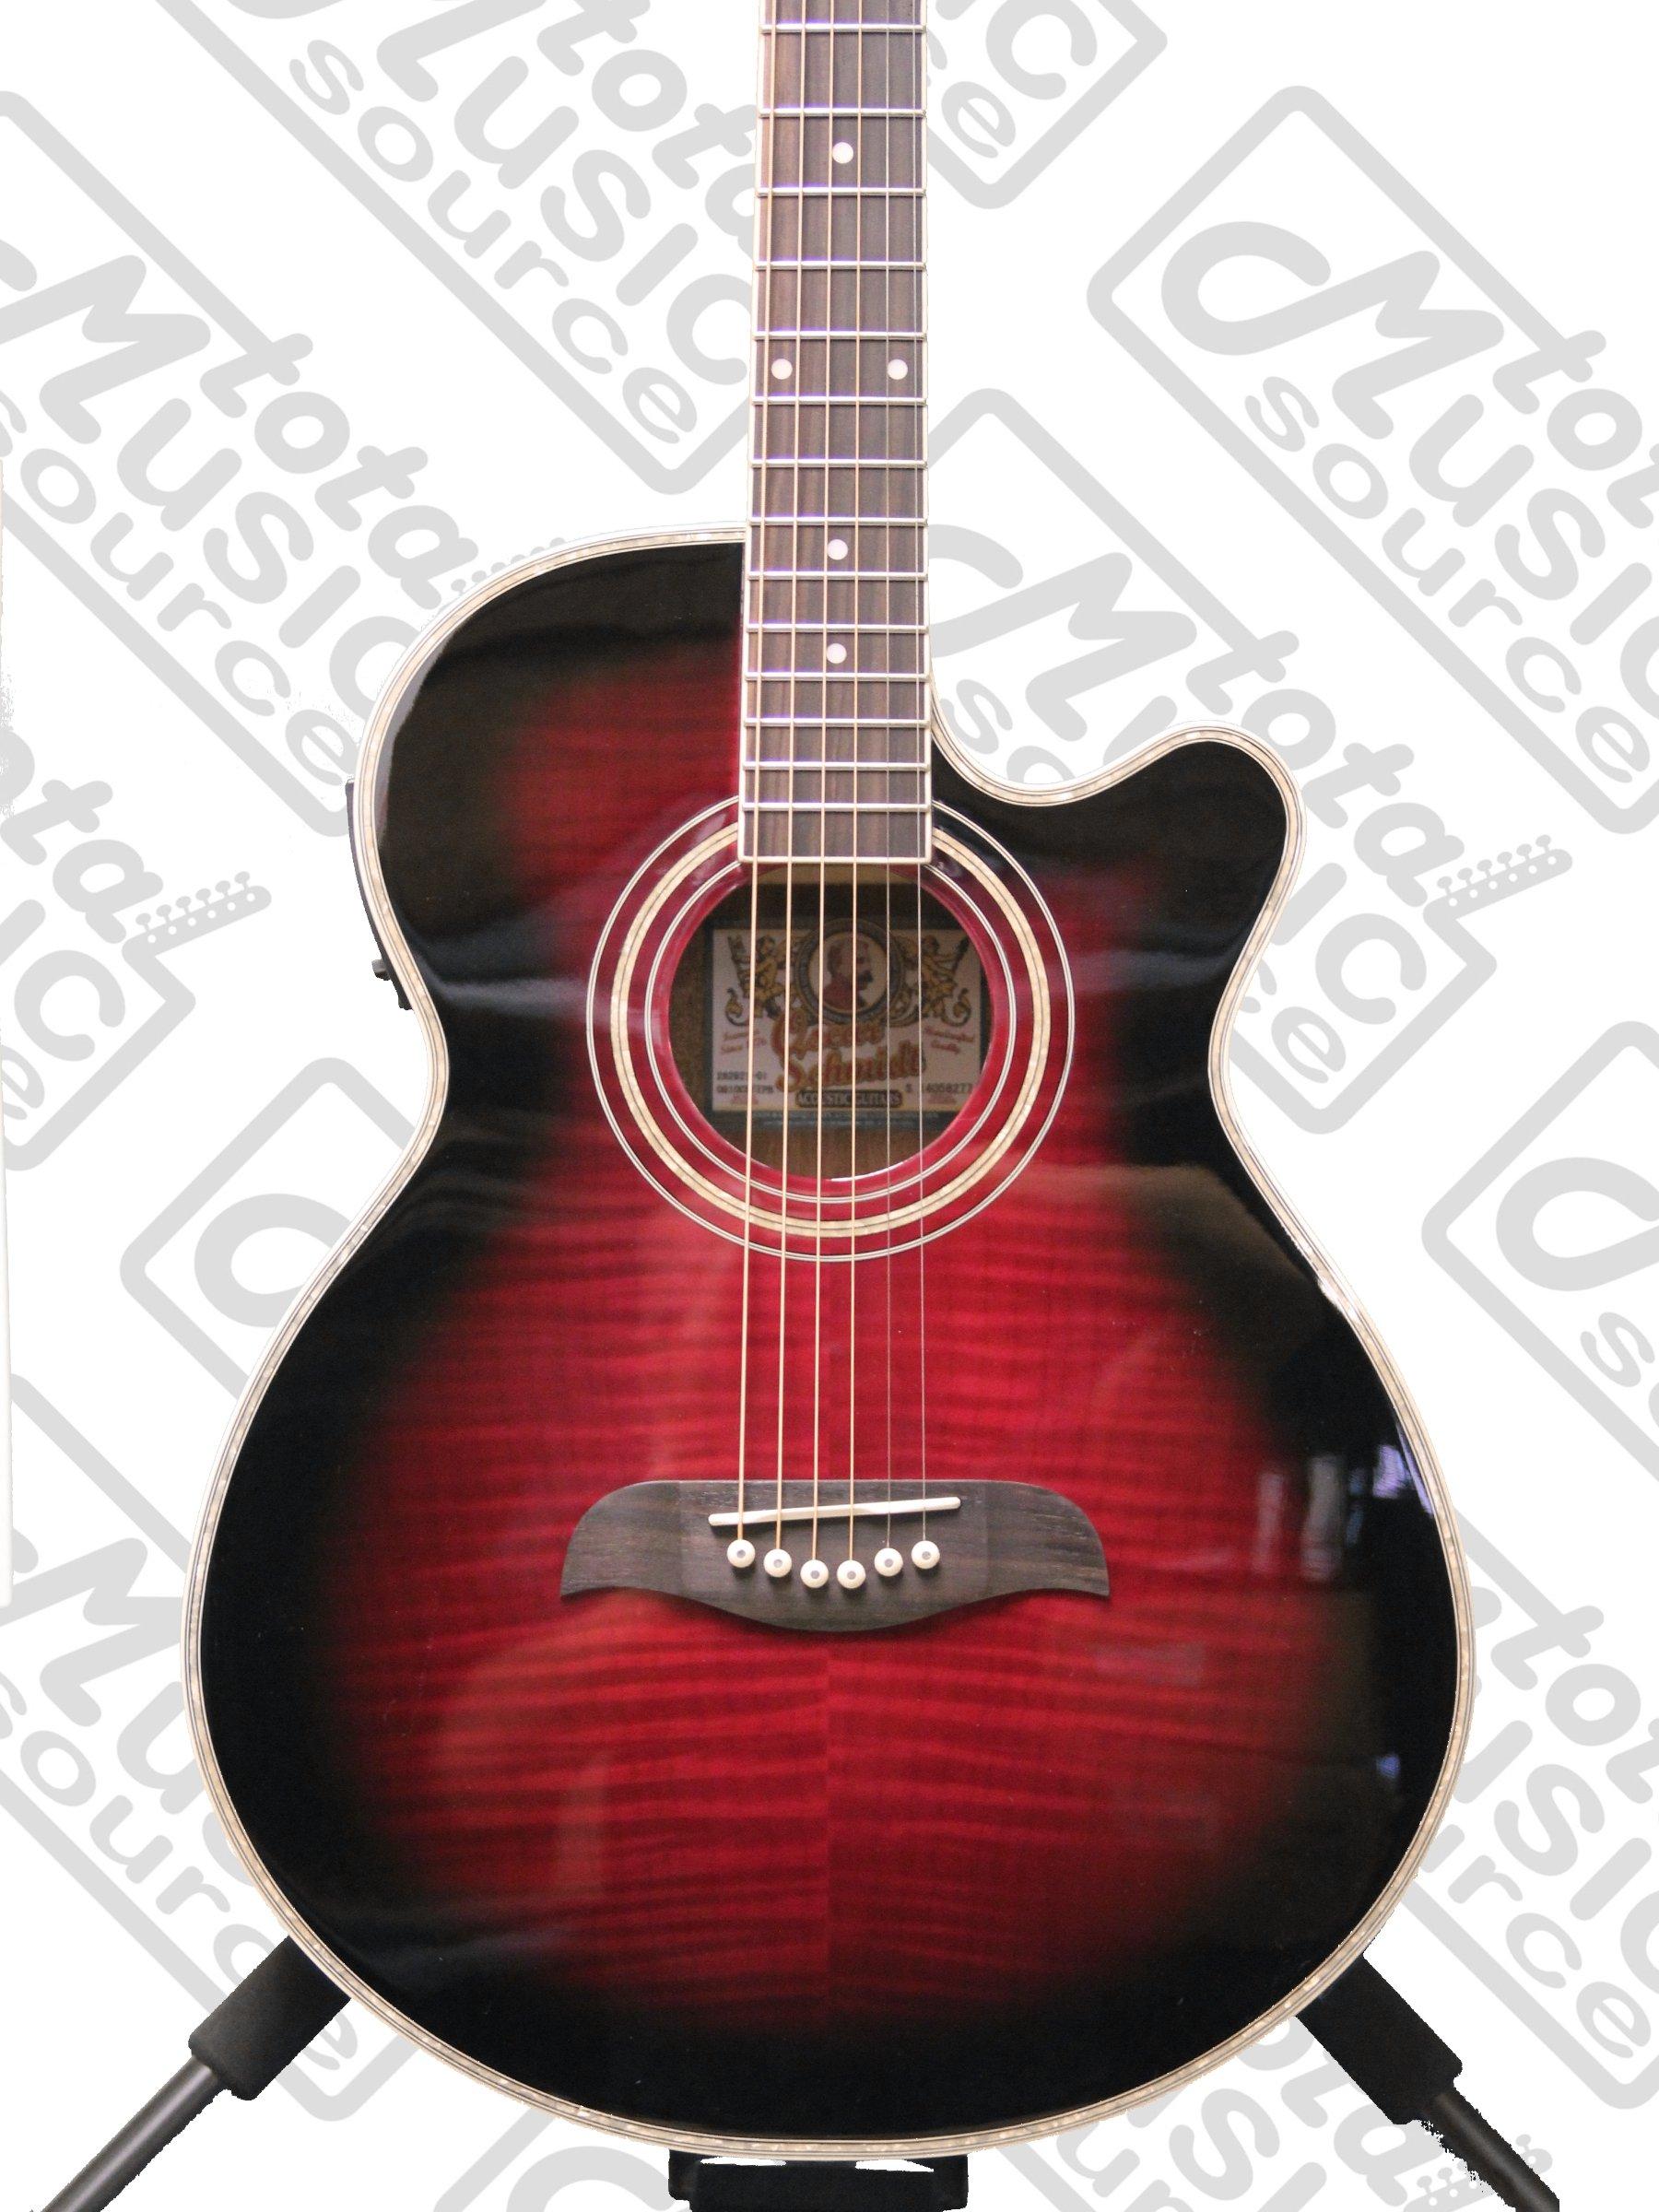 oscar schmidt og10ce cutaway acoustic electric guitar flame transparent purple guitar affinity. Black Bedroom Furniture Sets. Home Design Ideas